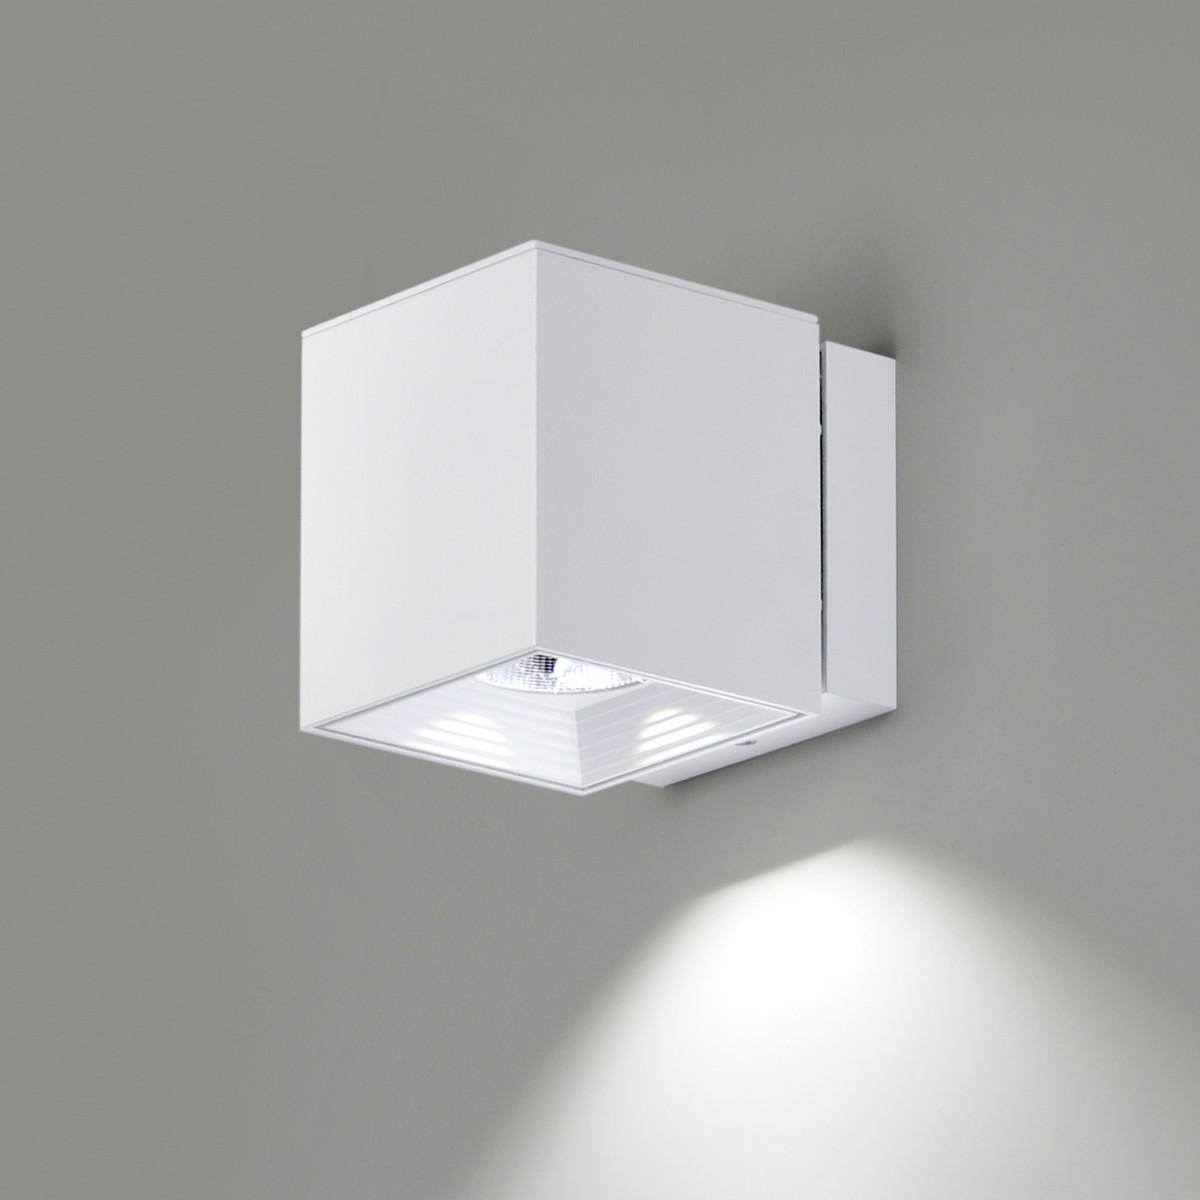 Milan Dau Spot LED Wandleuchte, 1. Generation, mattweiß lackiert